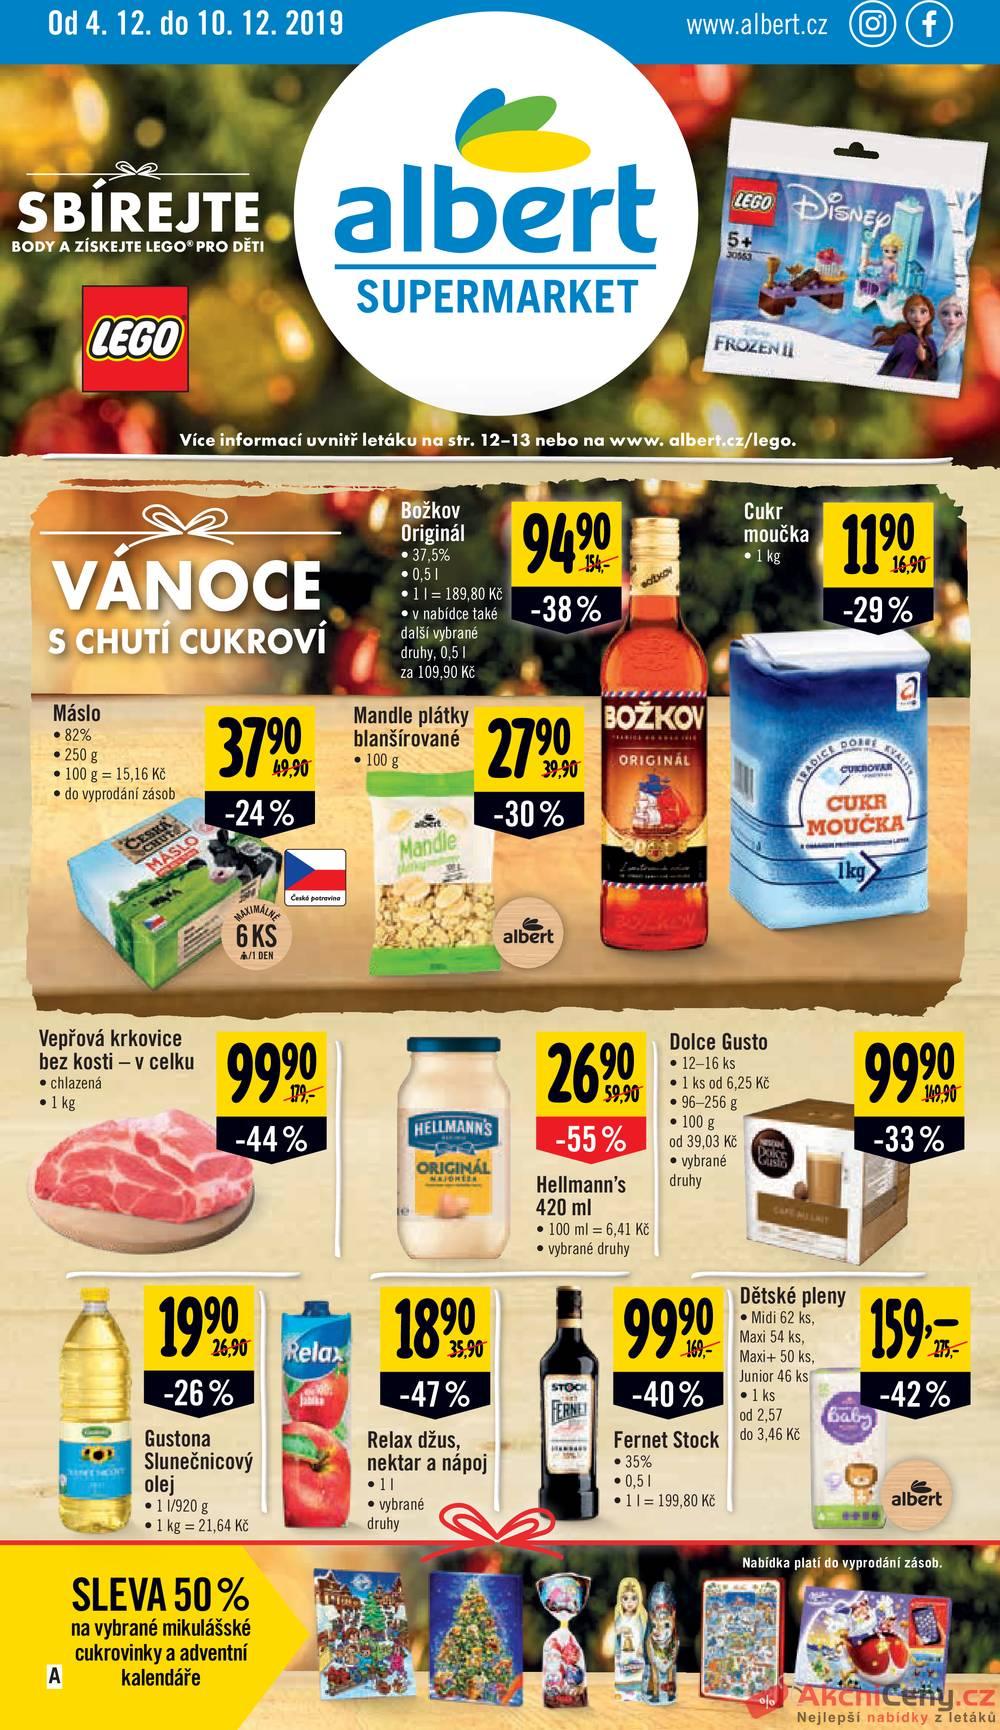 Leták Albert - Albert Supermarket od 4.12. do 10.12.2019 - strana 1